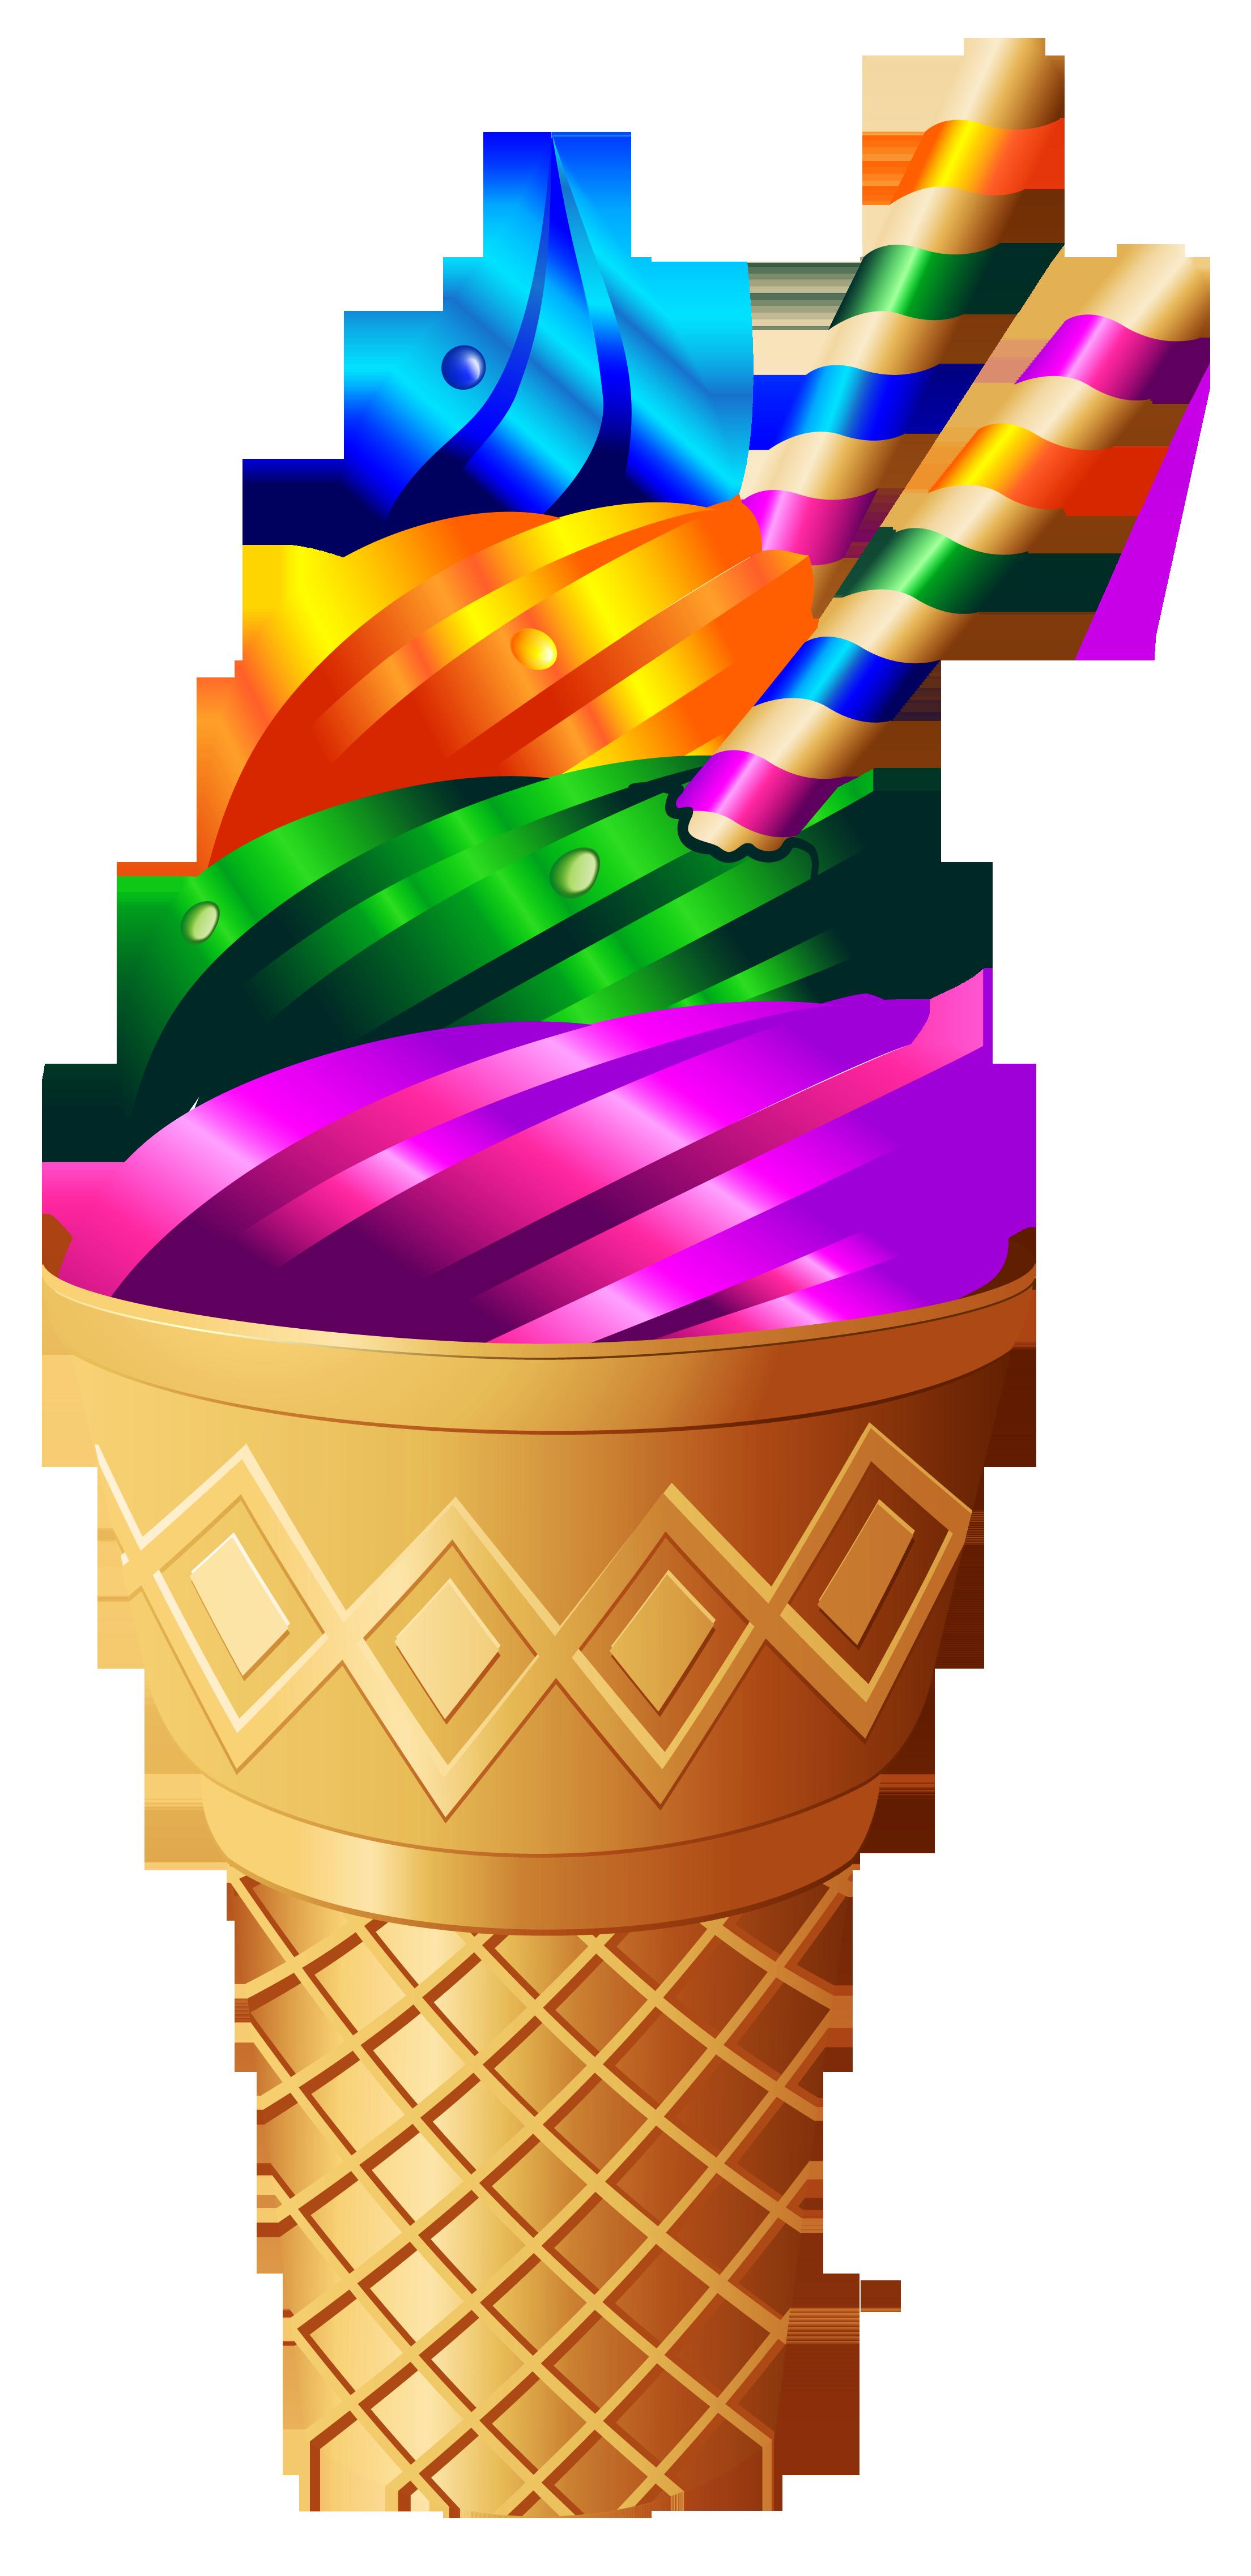 Essen und trinken clipart clipart transparent download Transparent Rainbow Ice Cream PNG Image | Scrap booking | Pinterest ... clipart transparent download